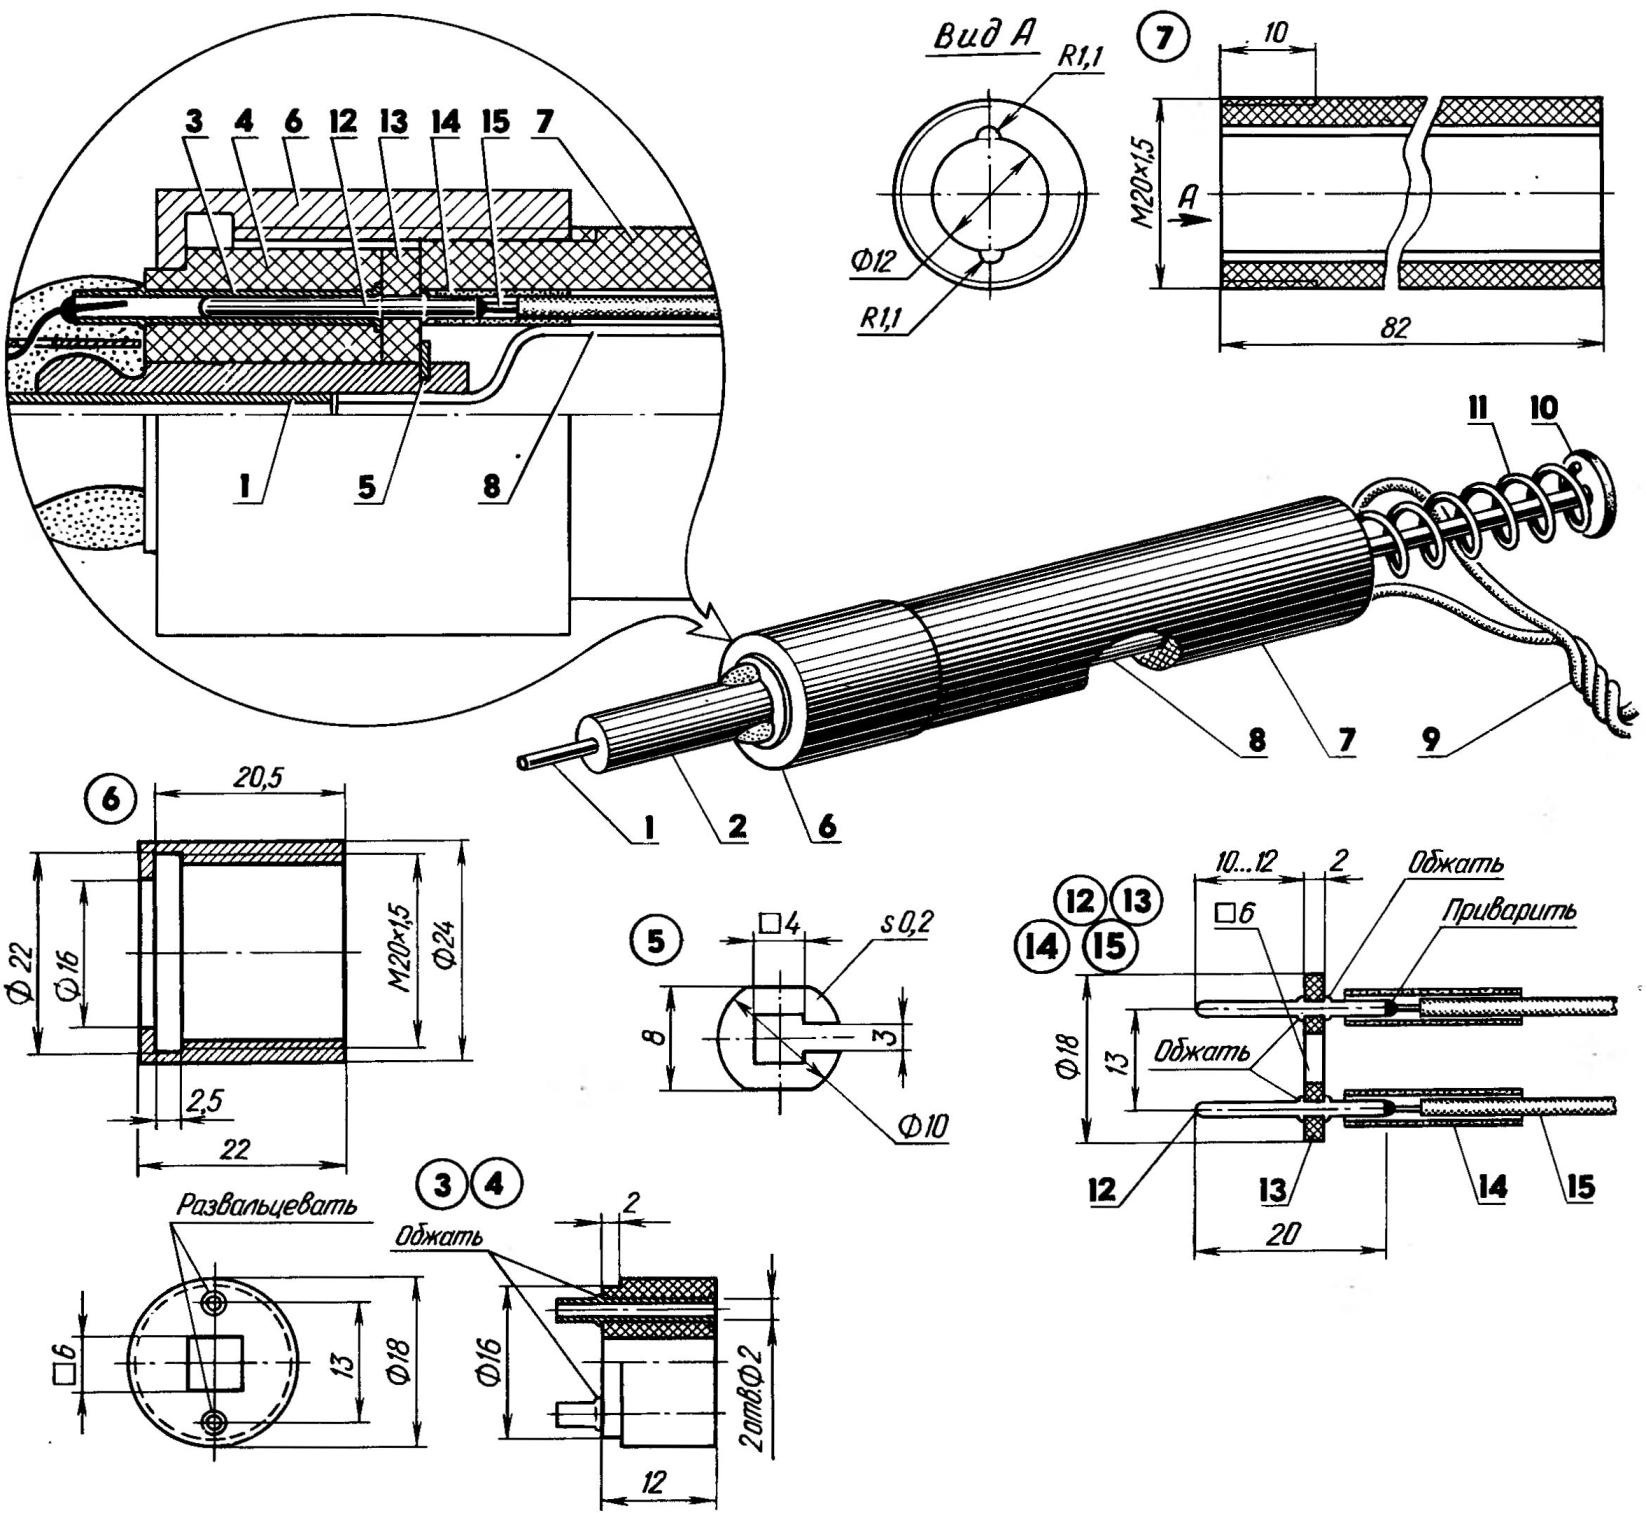 Паяльник своими руками: инструкция и советы как создать прибор для пайки микросхем